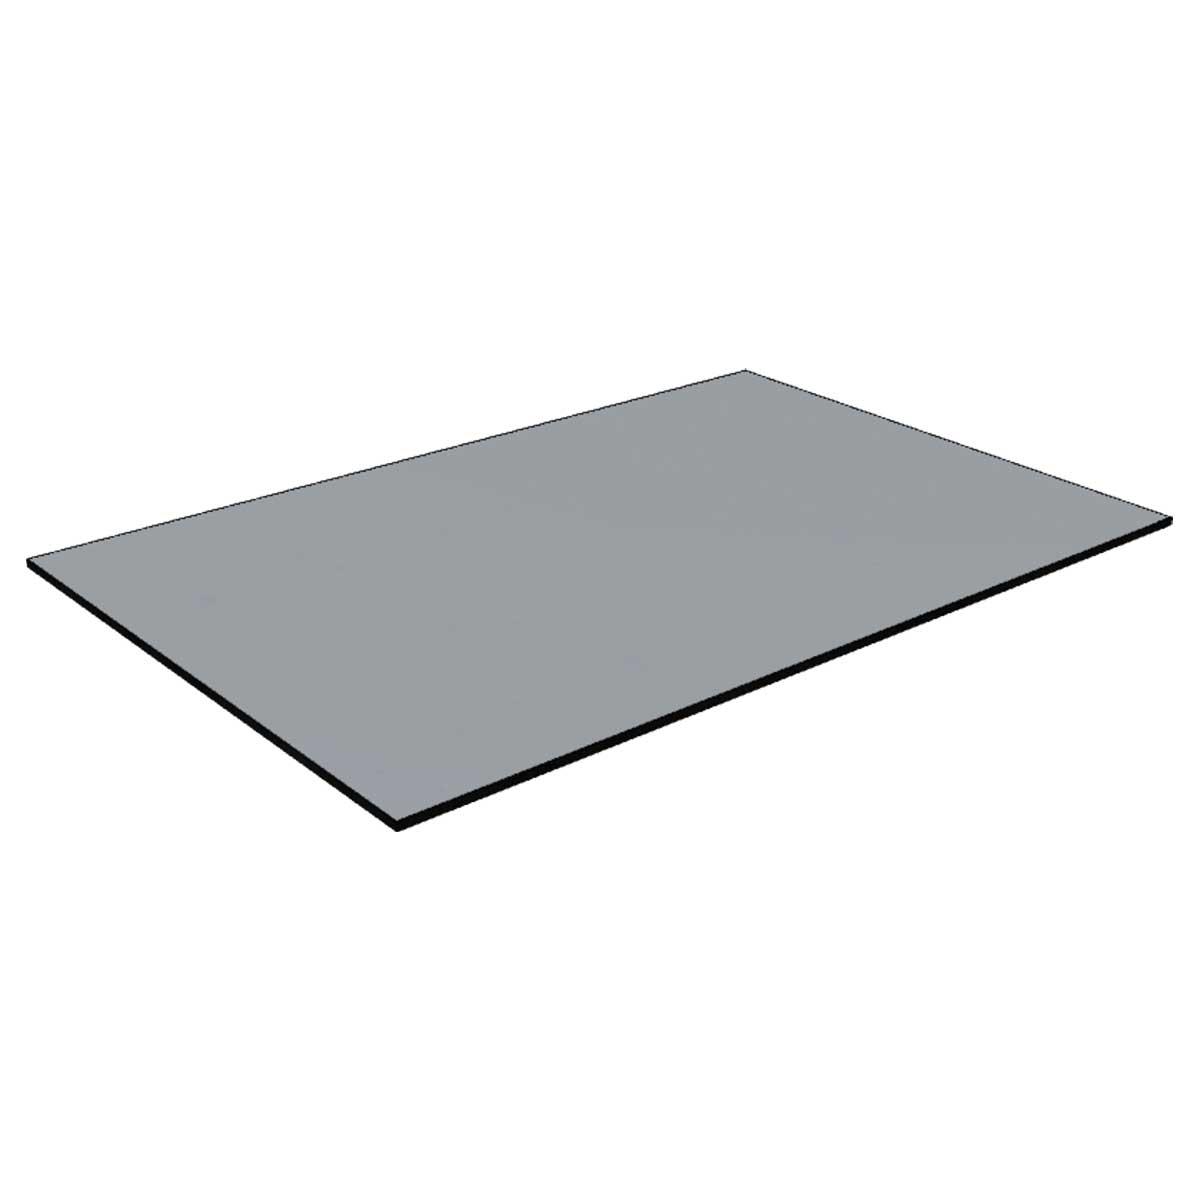 TICAR E120X80 056 - https://www.werzalit.com/fr/produit/plateau-de-table-carino-e-100x60-epaisseur-du-plateau-de-la-table-12mm-decor-056-alu/